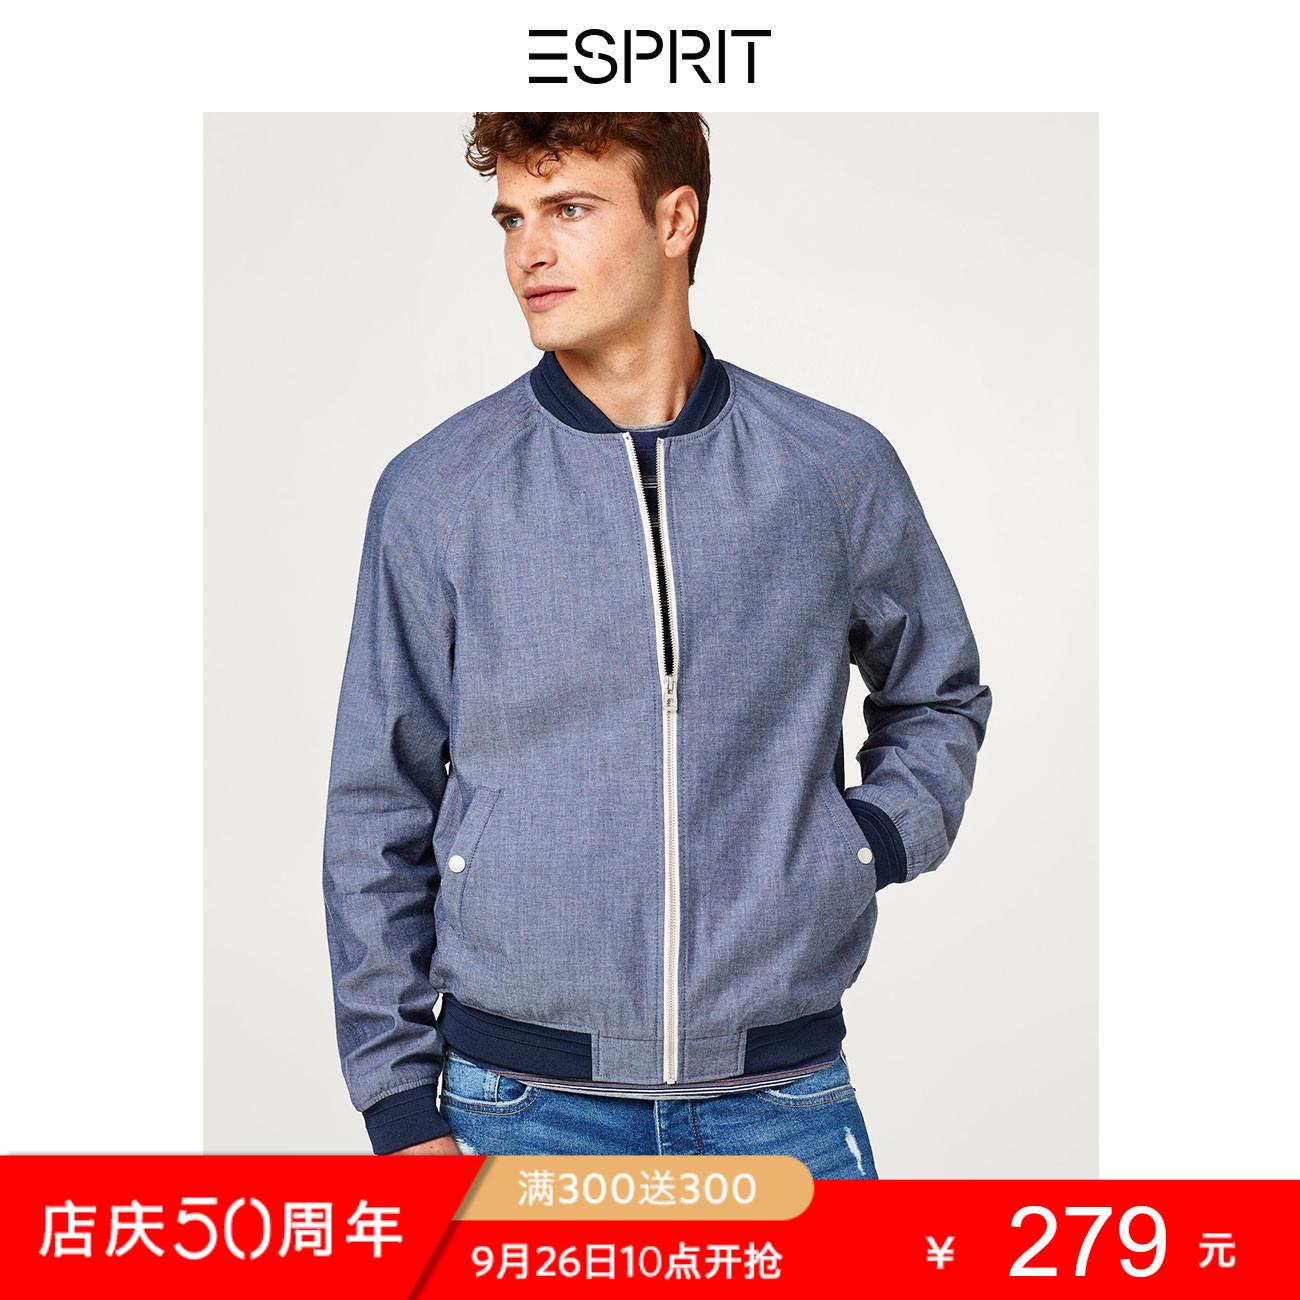 埃斯普利特外套